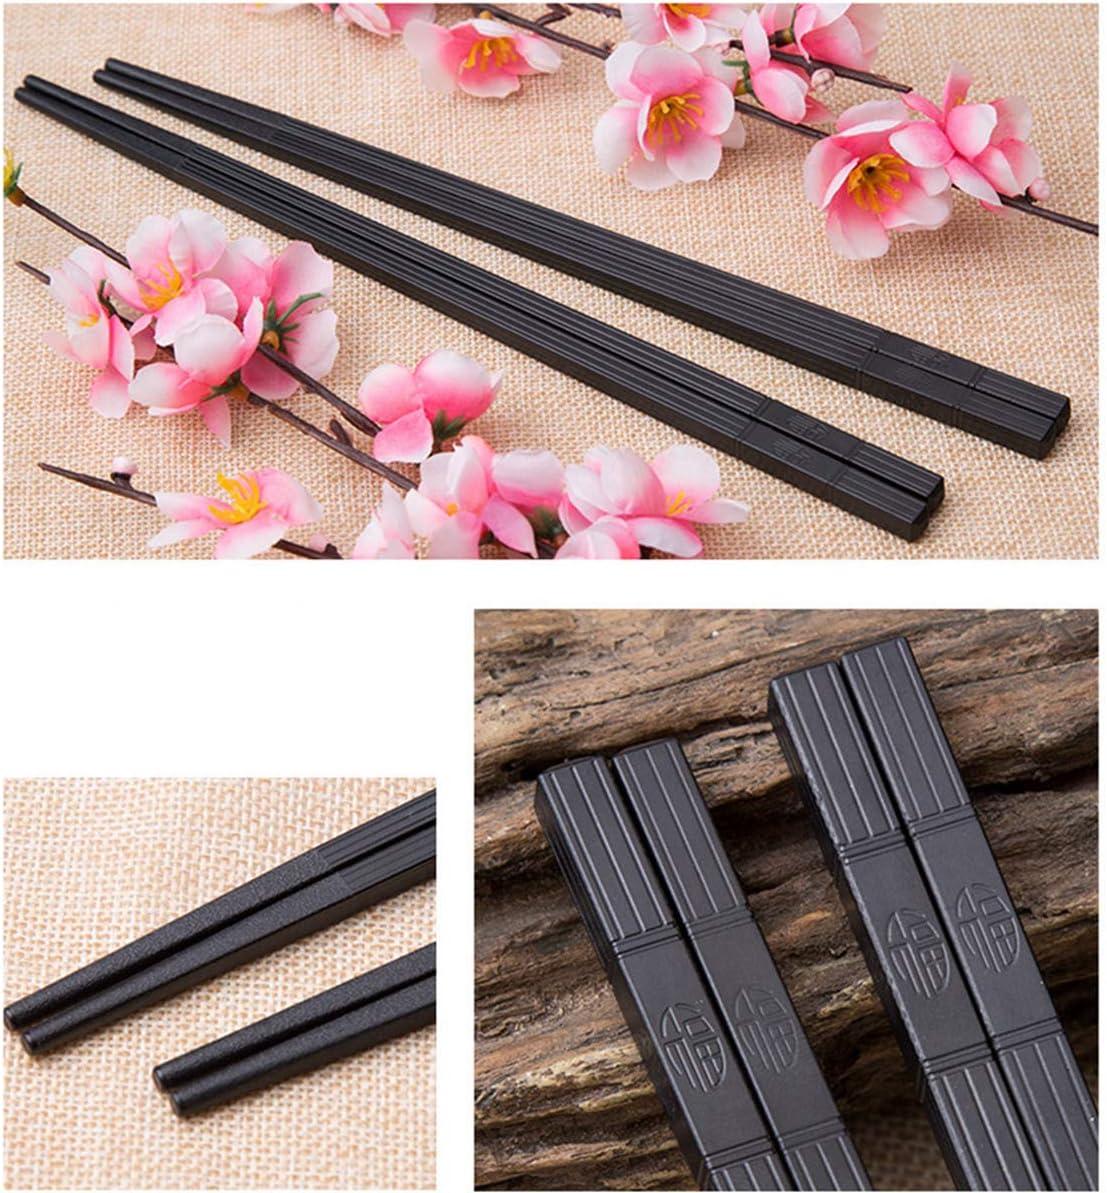 Palillos para comer con 10 pares de dos estilos Japon/és palillos chinos negro Alloy Chopsticks palillos para vajilla asi/ática reutilizables palillos lavables para lavavajillas